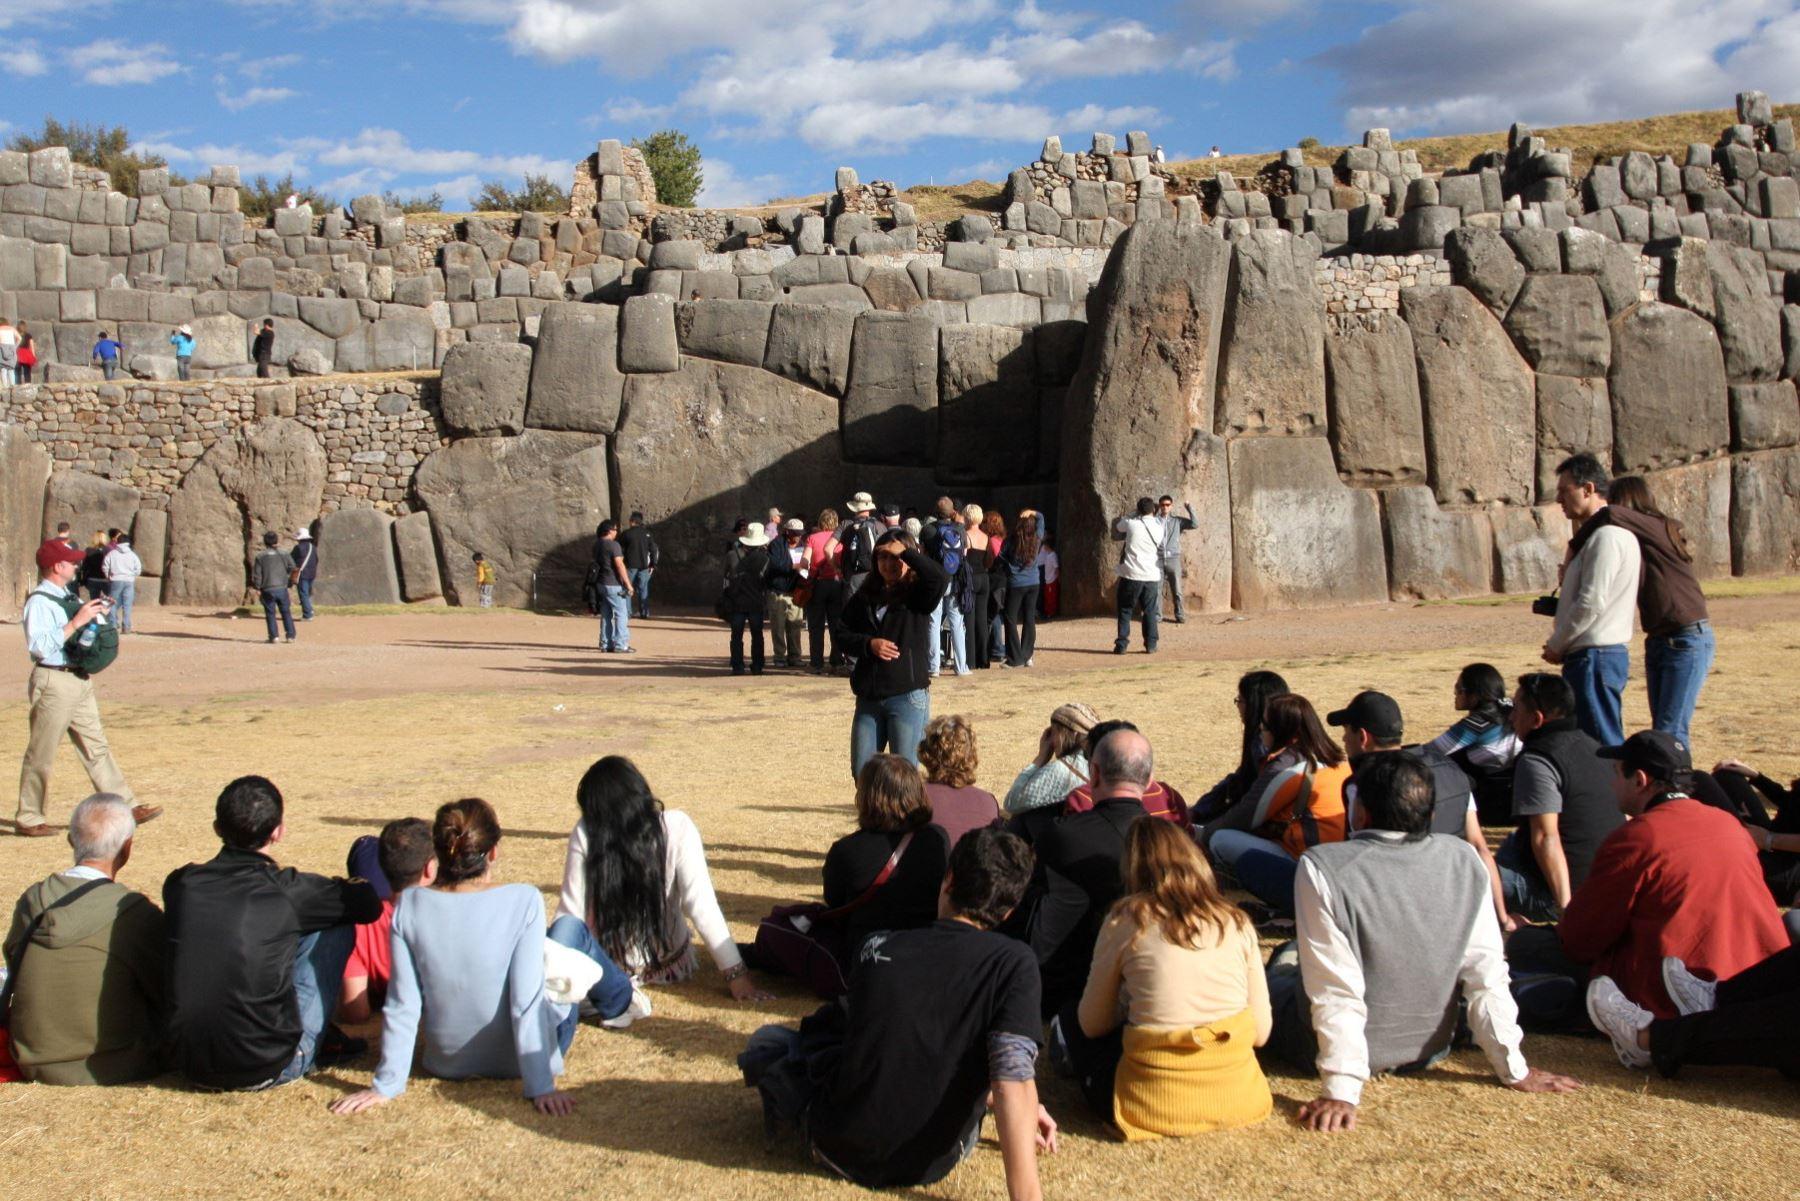 Boleto Turístico del Cuso permite visitar 16 atractivos arqueológicos y turísticos alternos a Machu Picchu.